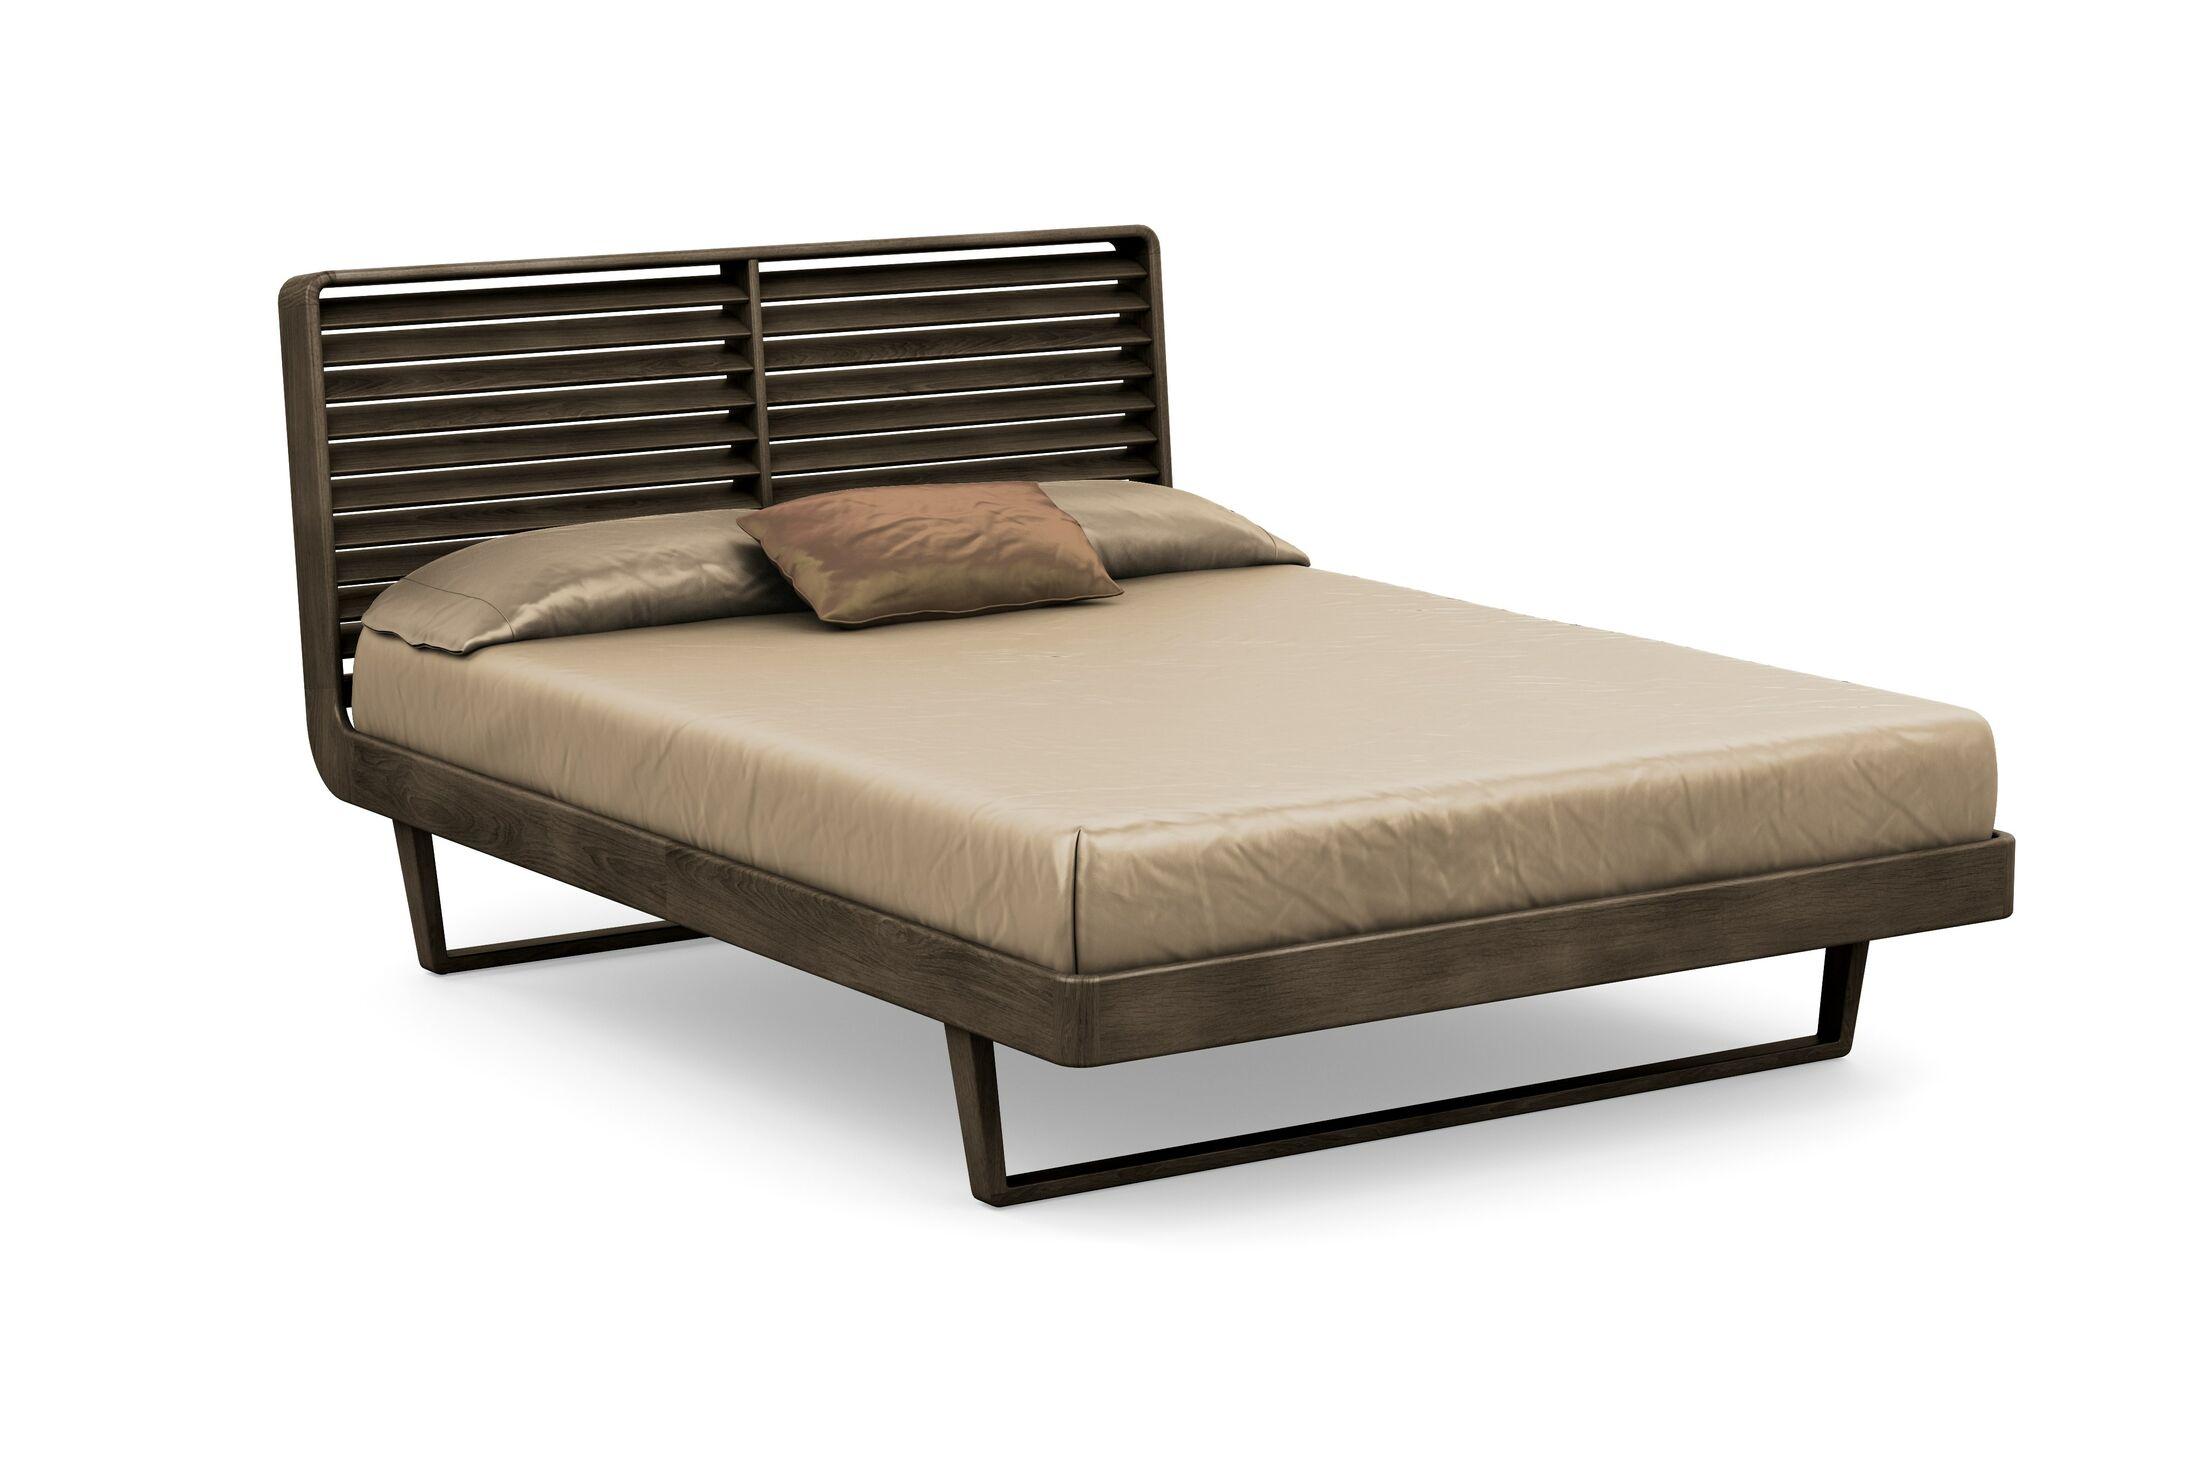 Contour Platform Bed Color: Seared Ash, Size: Queen